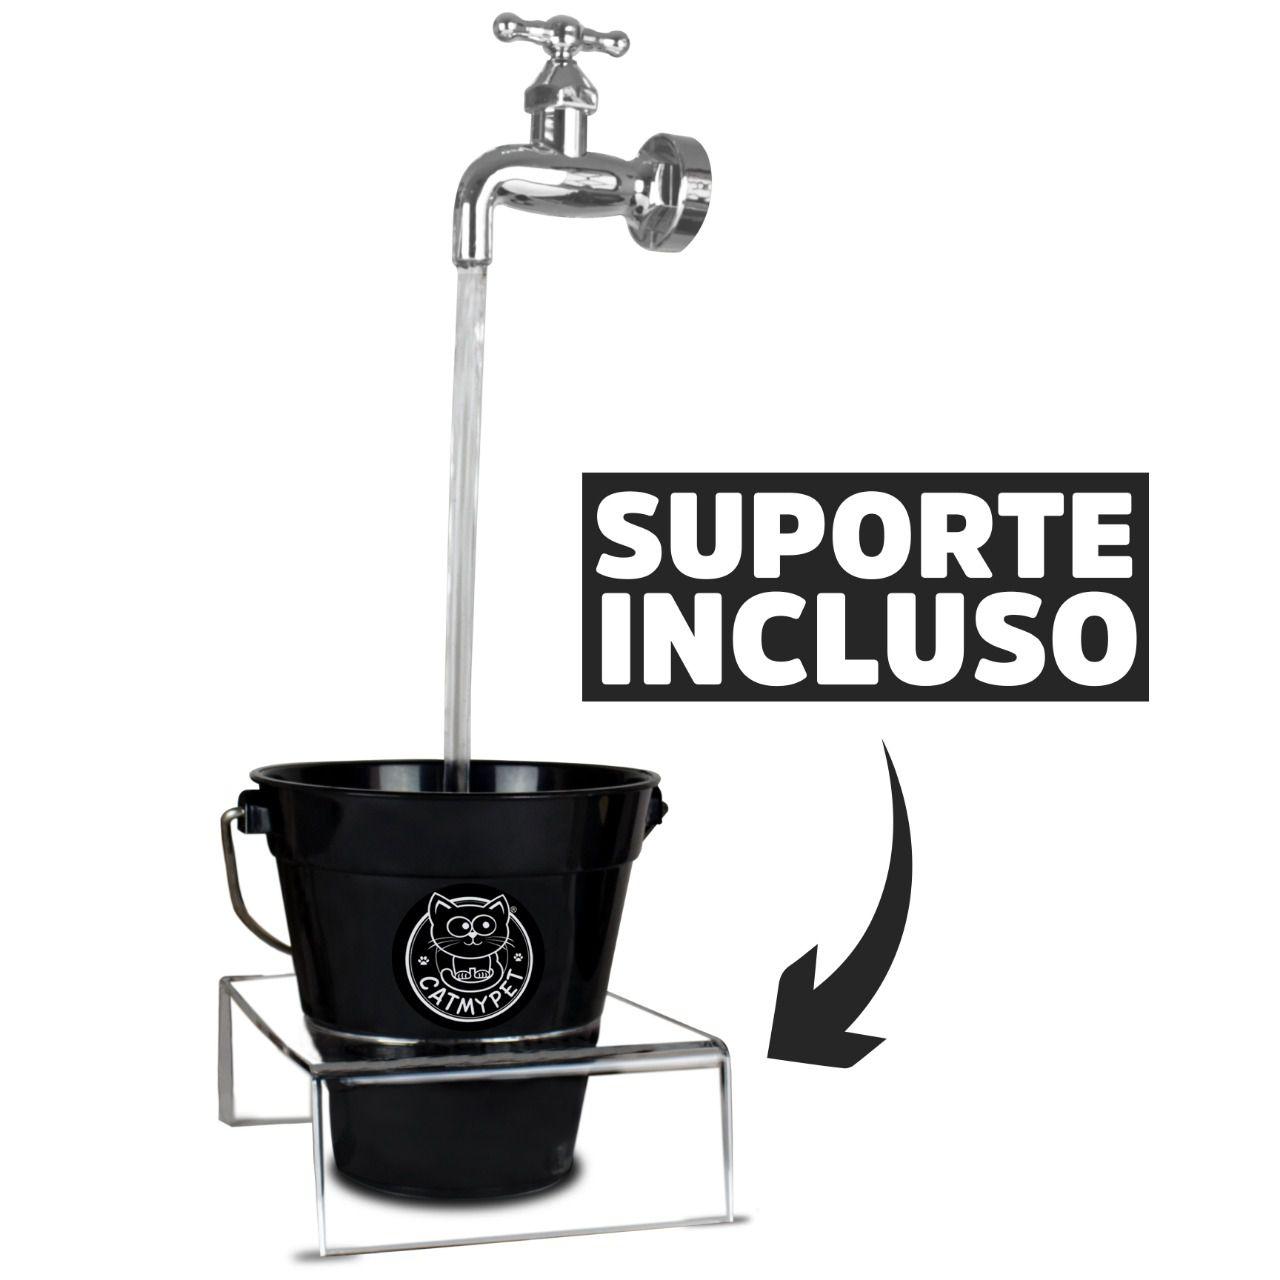 Bebedouro Catmypet Torneira Magicat - Edição Especial BLACK com Suporte Incluído 110 V